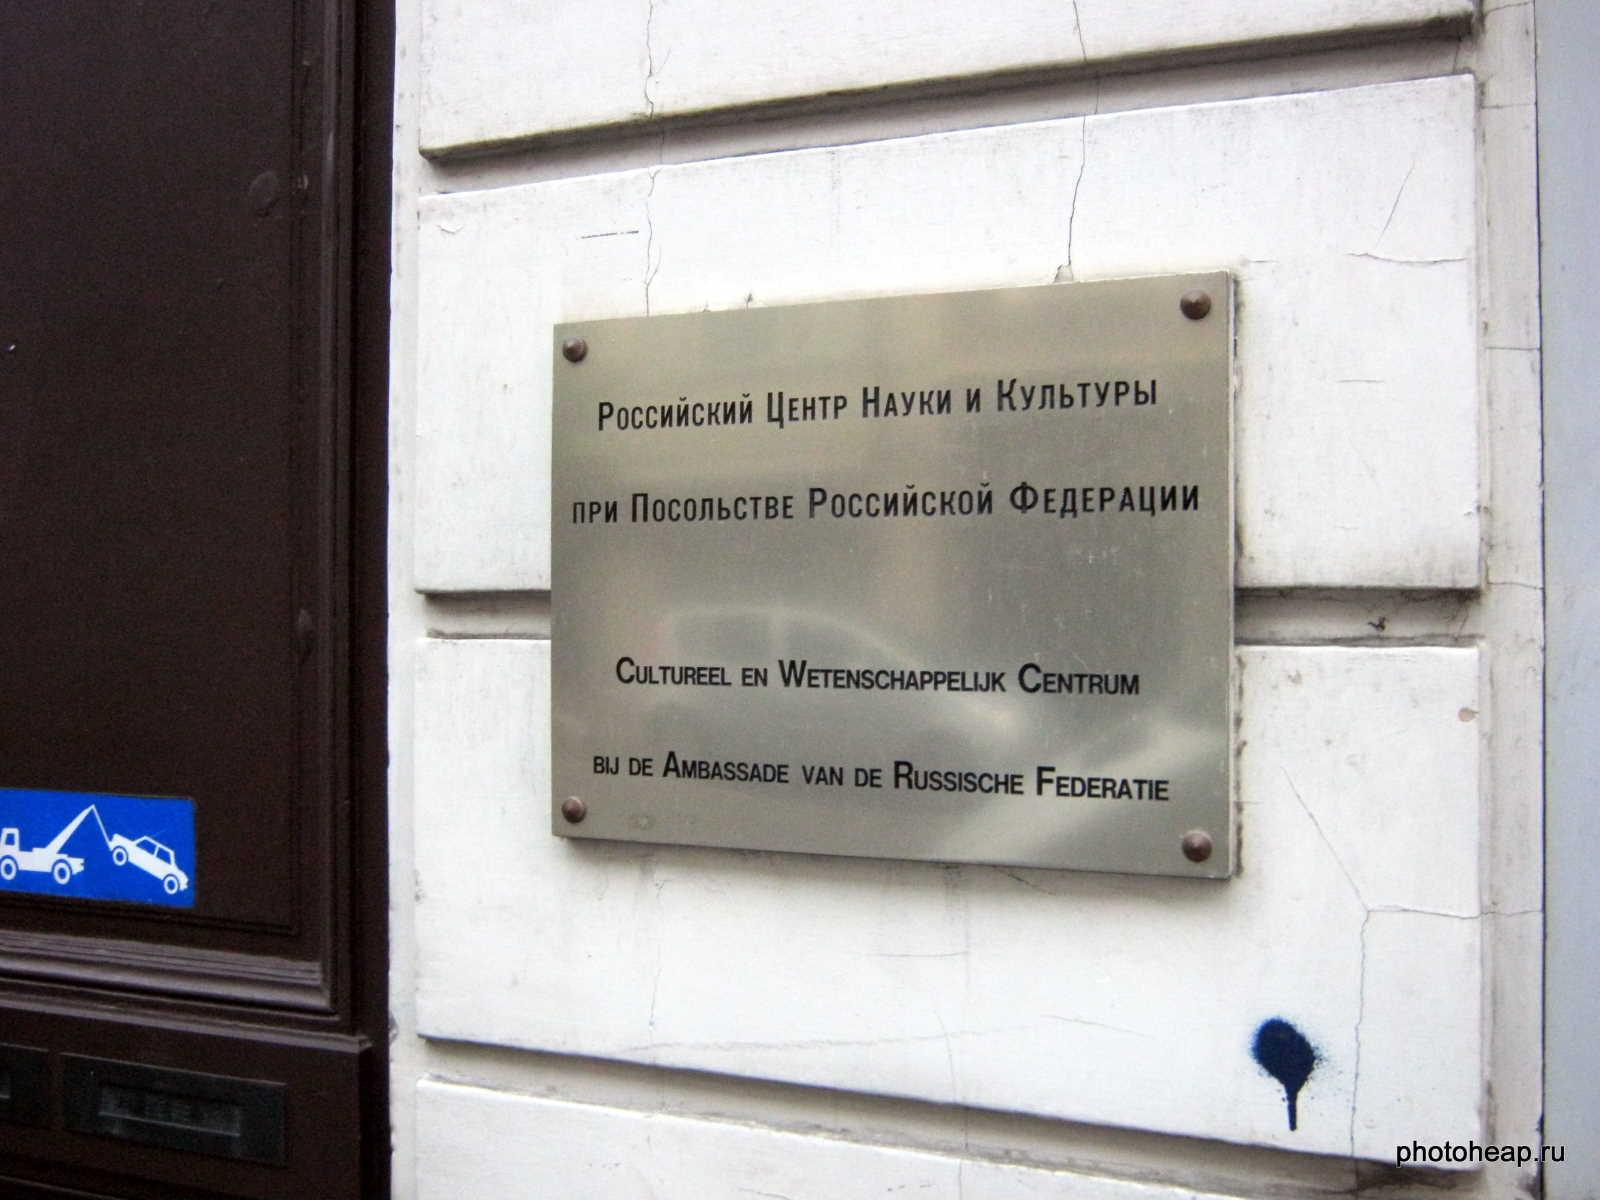 Brussels - Cultureel en Wetenschappelijk Centrum bij de Ambassade van de Russisc